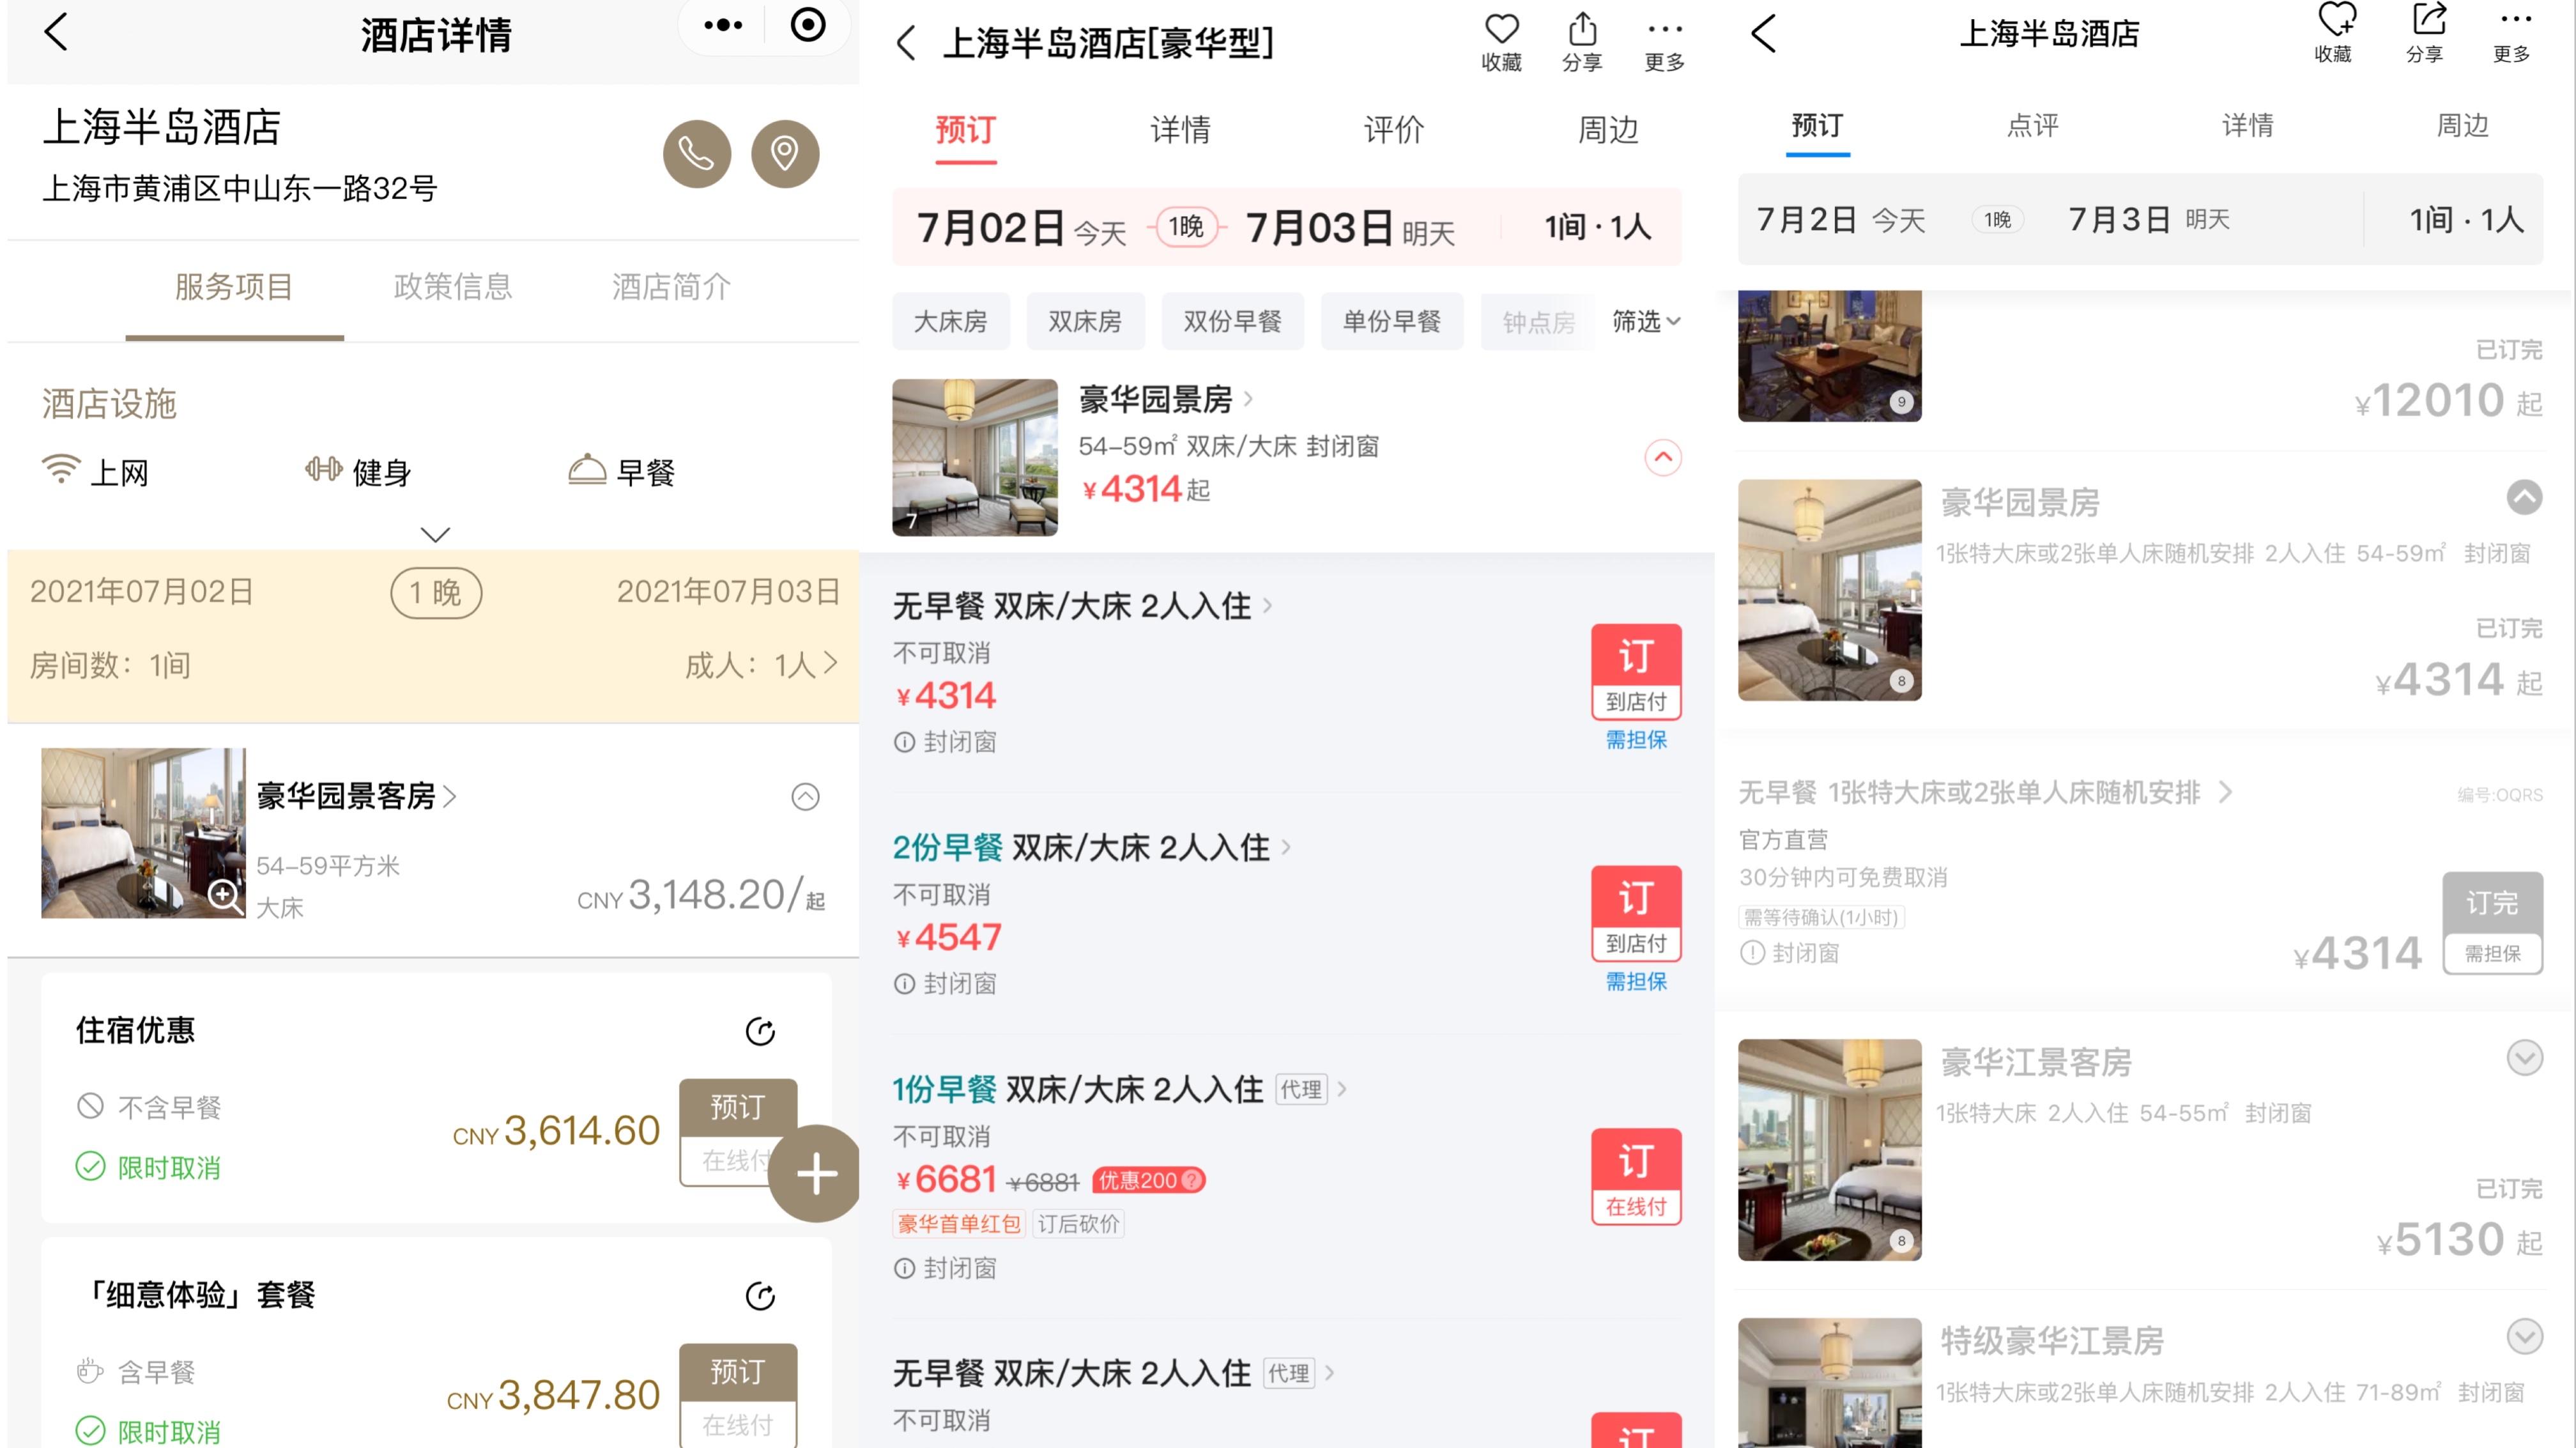 7月2日下午显示的上海半岛酒店豪华园景房预订价格截图,从左至右分别为:官网、美团、携程。